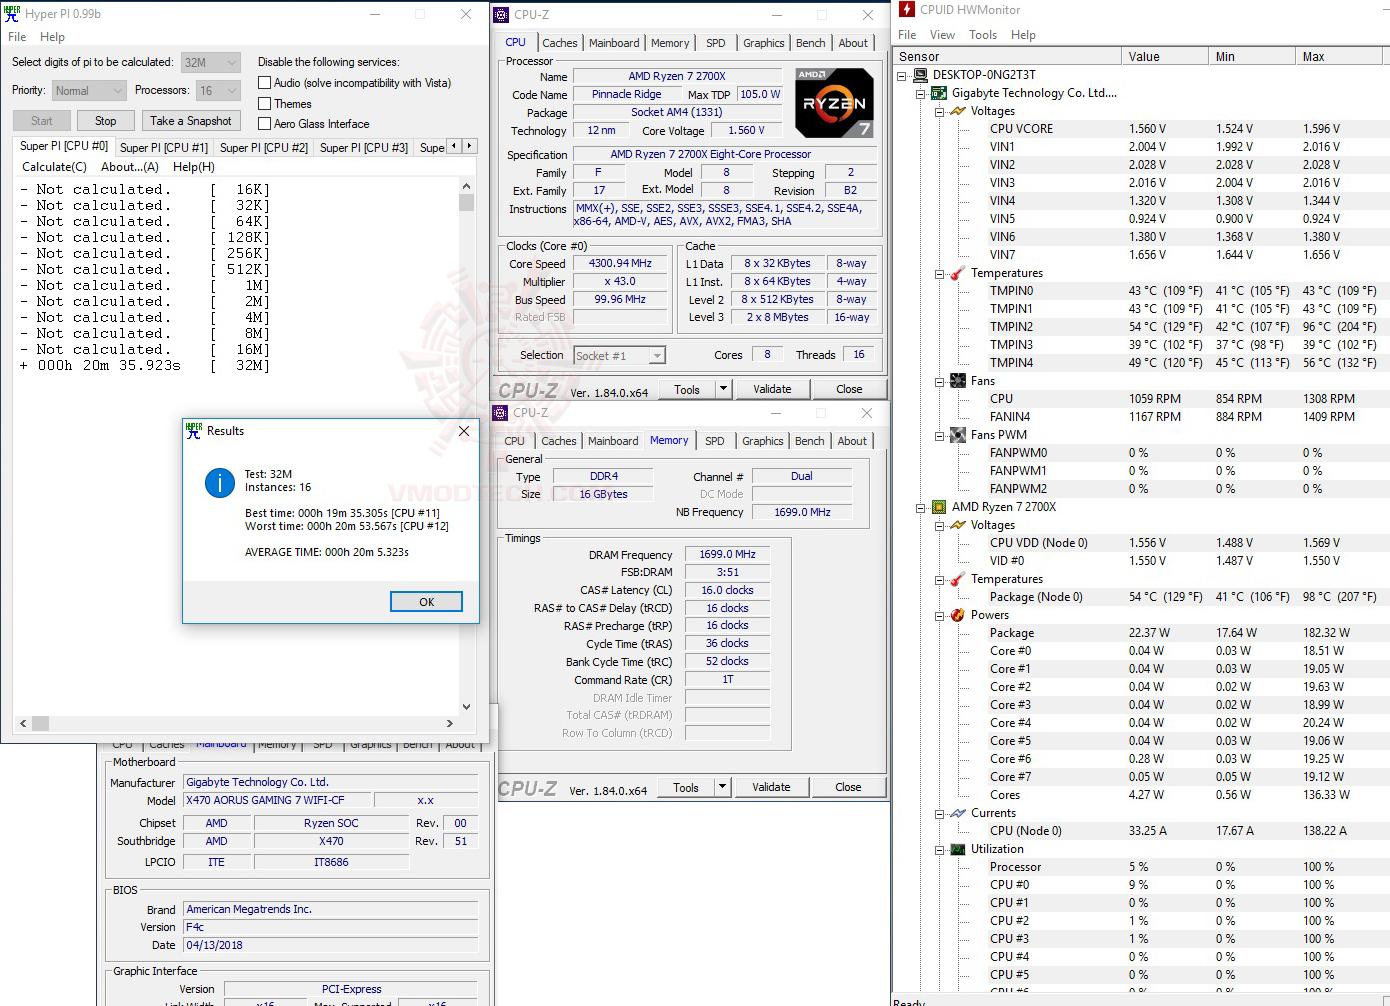 h32 2 G.SKILL SNIPER X DDR4 3400Mhz 16GB F4 3400C16D 16GSXW REVIEW